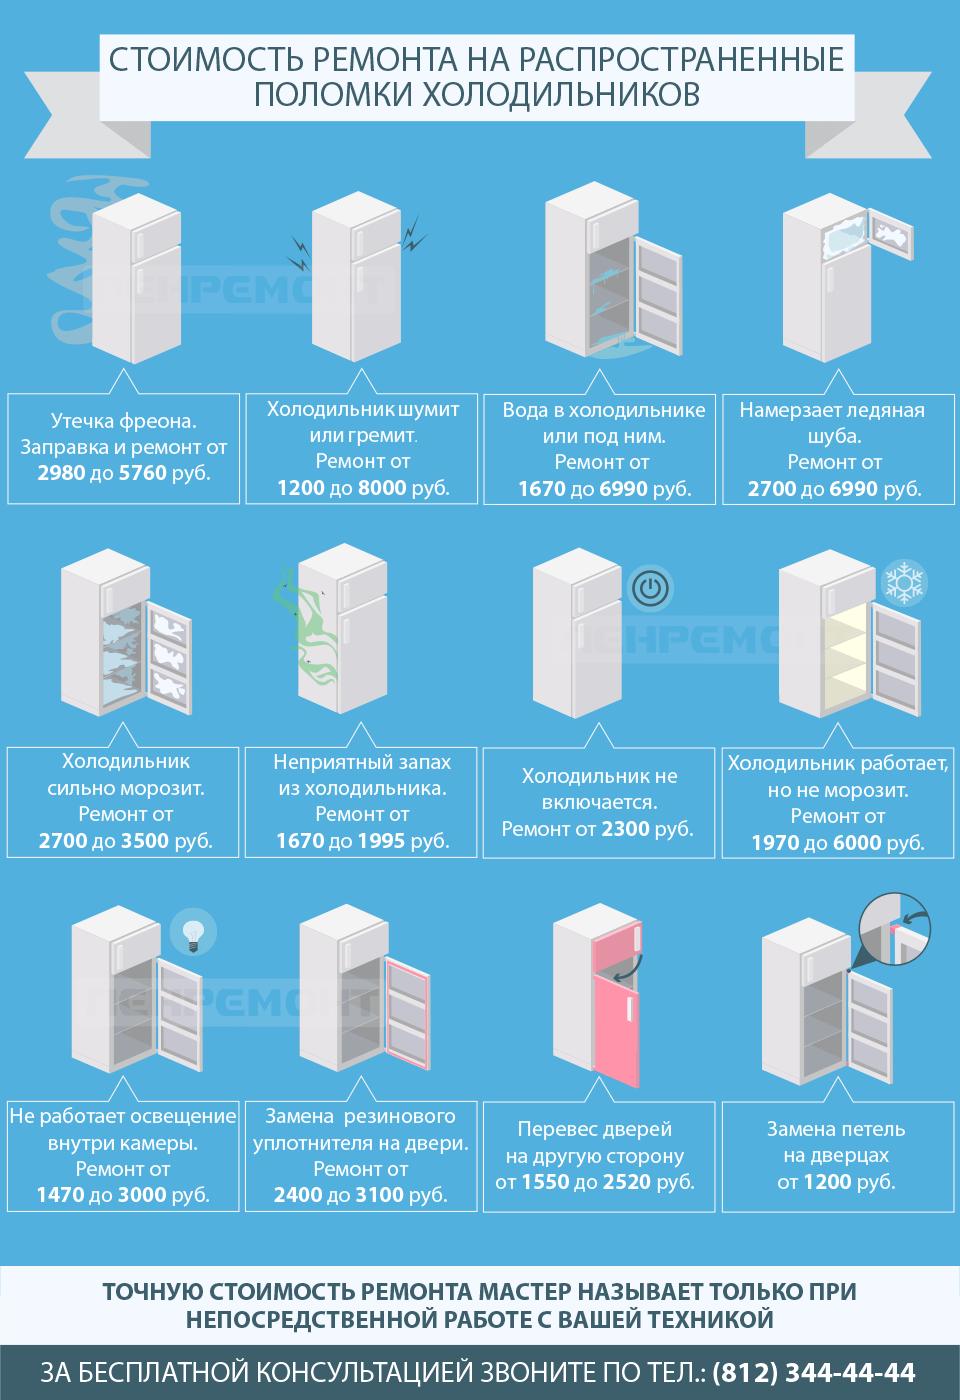 Ремонт холодильников в СПБ